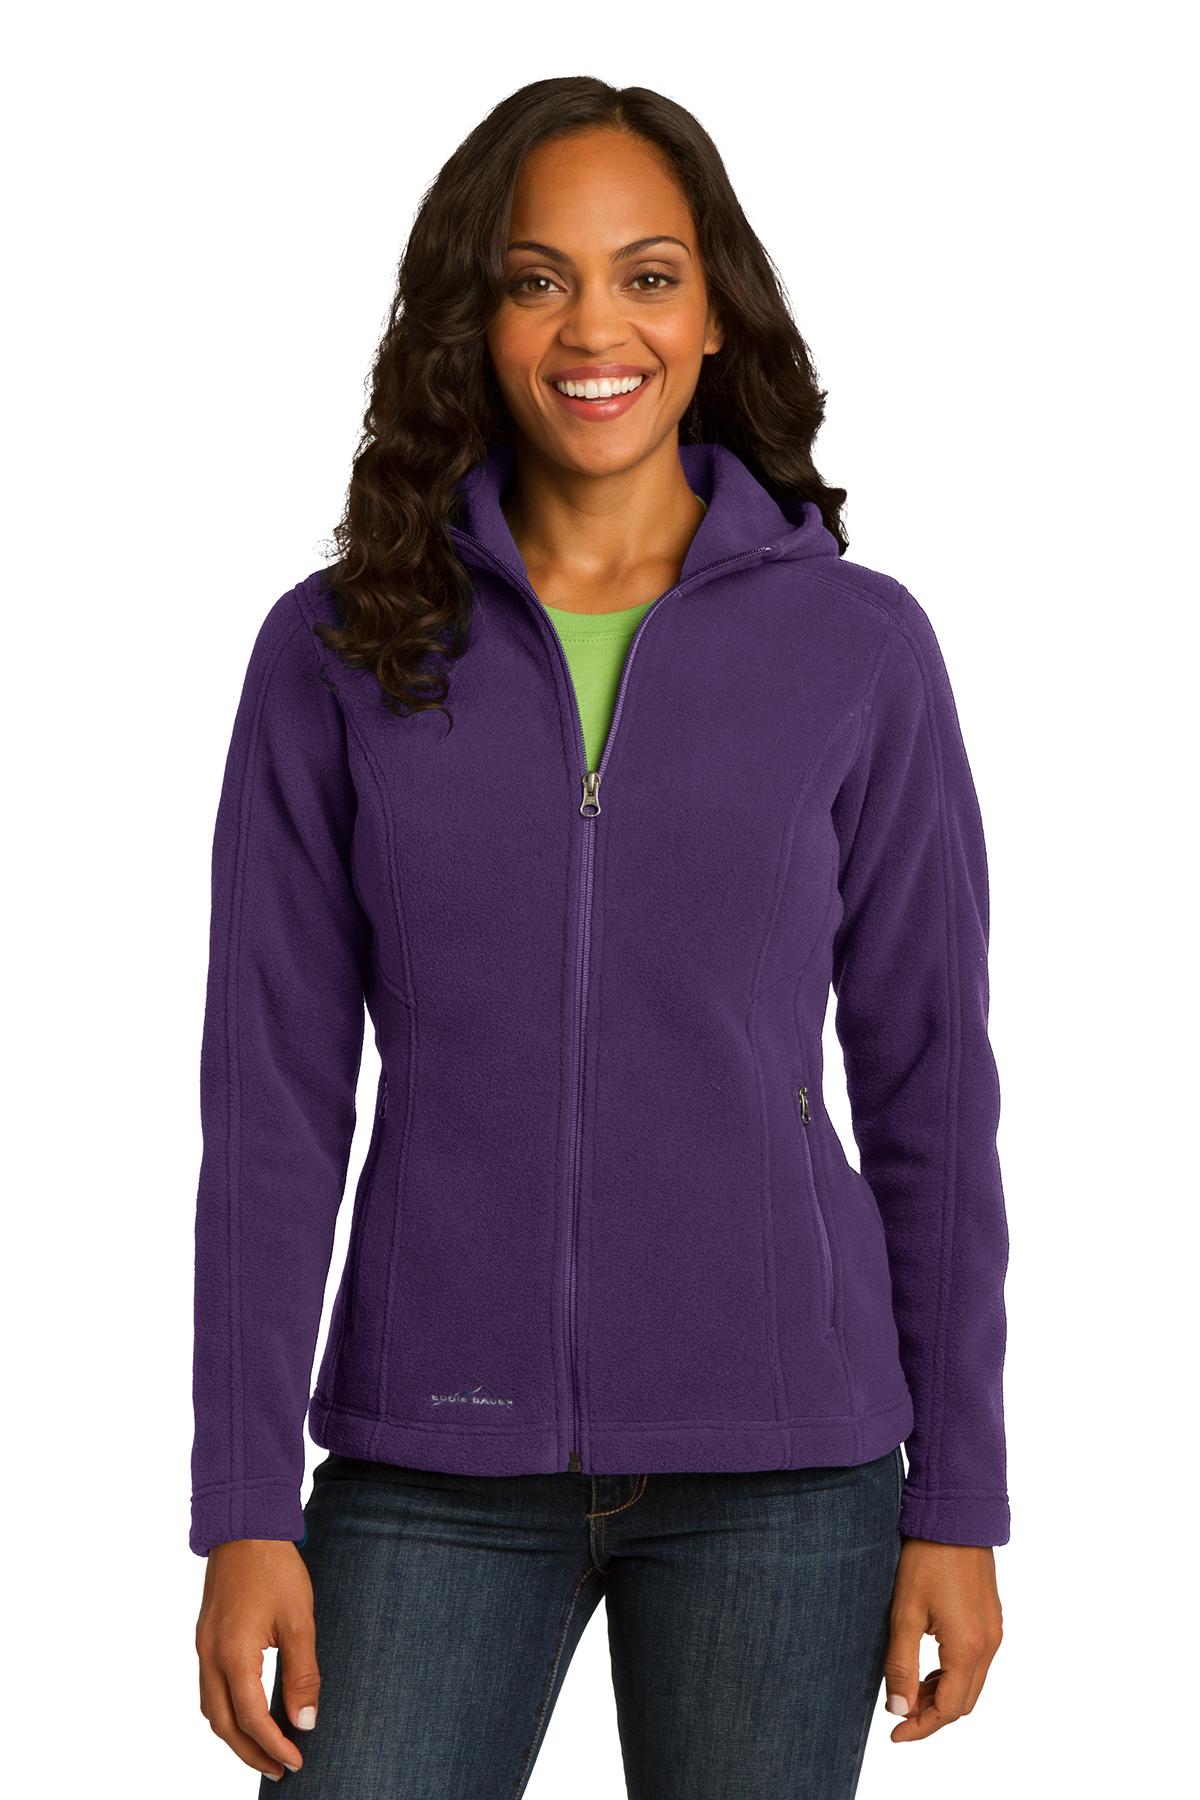 fc32f0d5be0 Eddie Bauer® Ladies Hooded Full-Zip Fleece Jacket | Ladies/Women ...